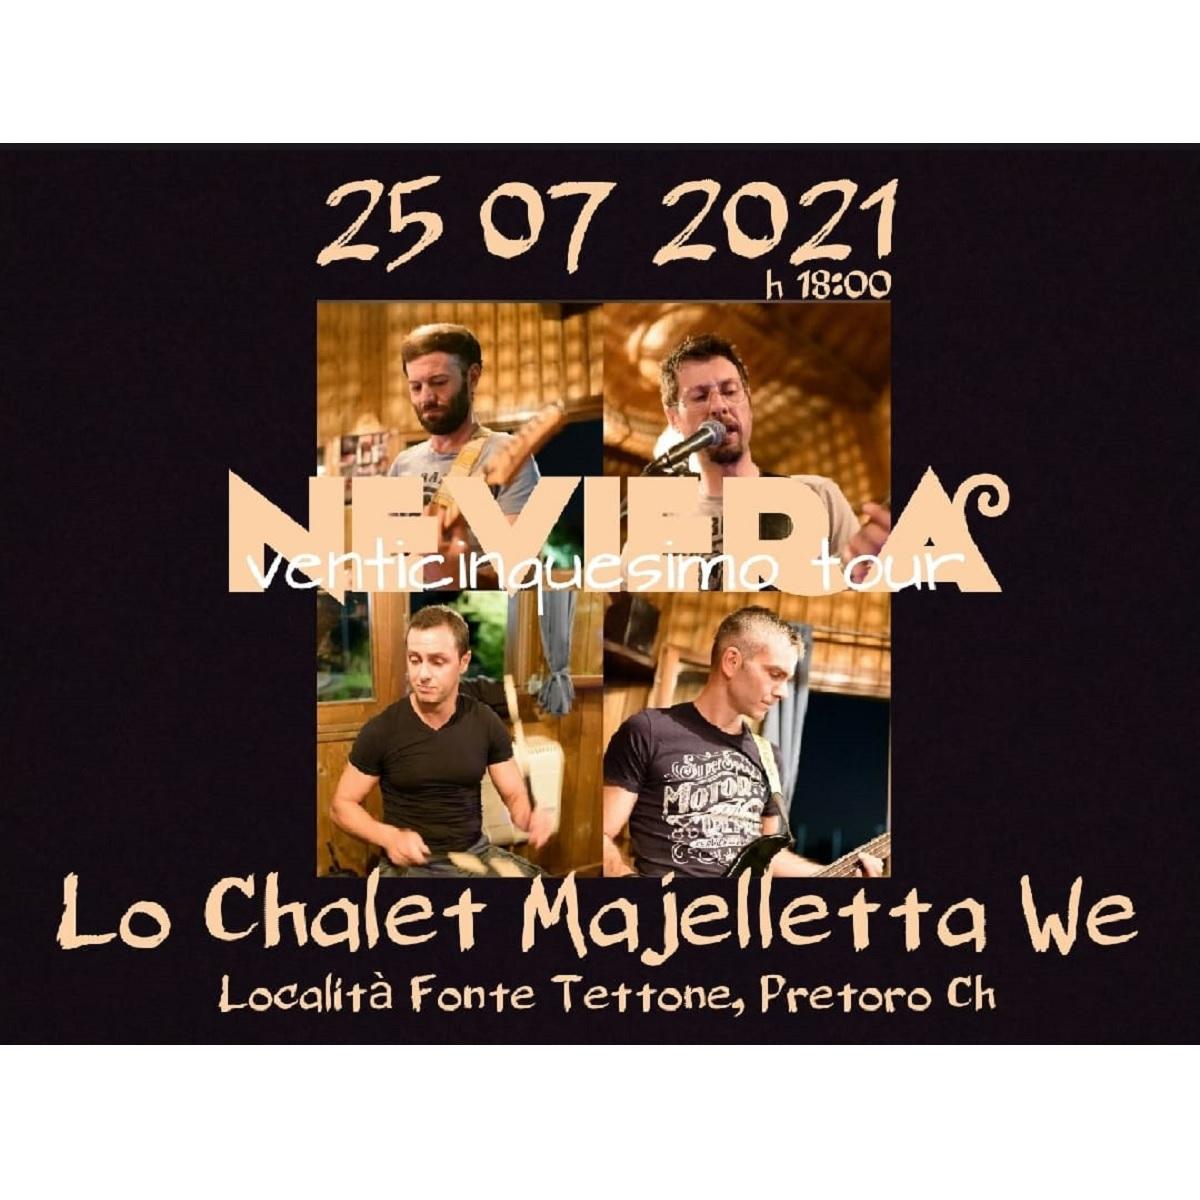 Neviera presso Lo Chalet Majelletta We 25 luglio 2021 foto